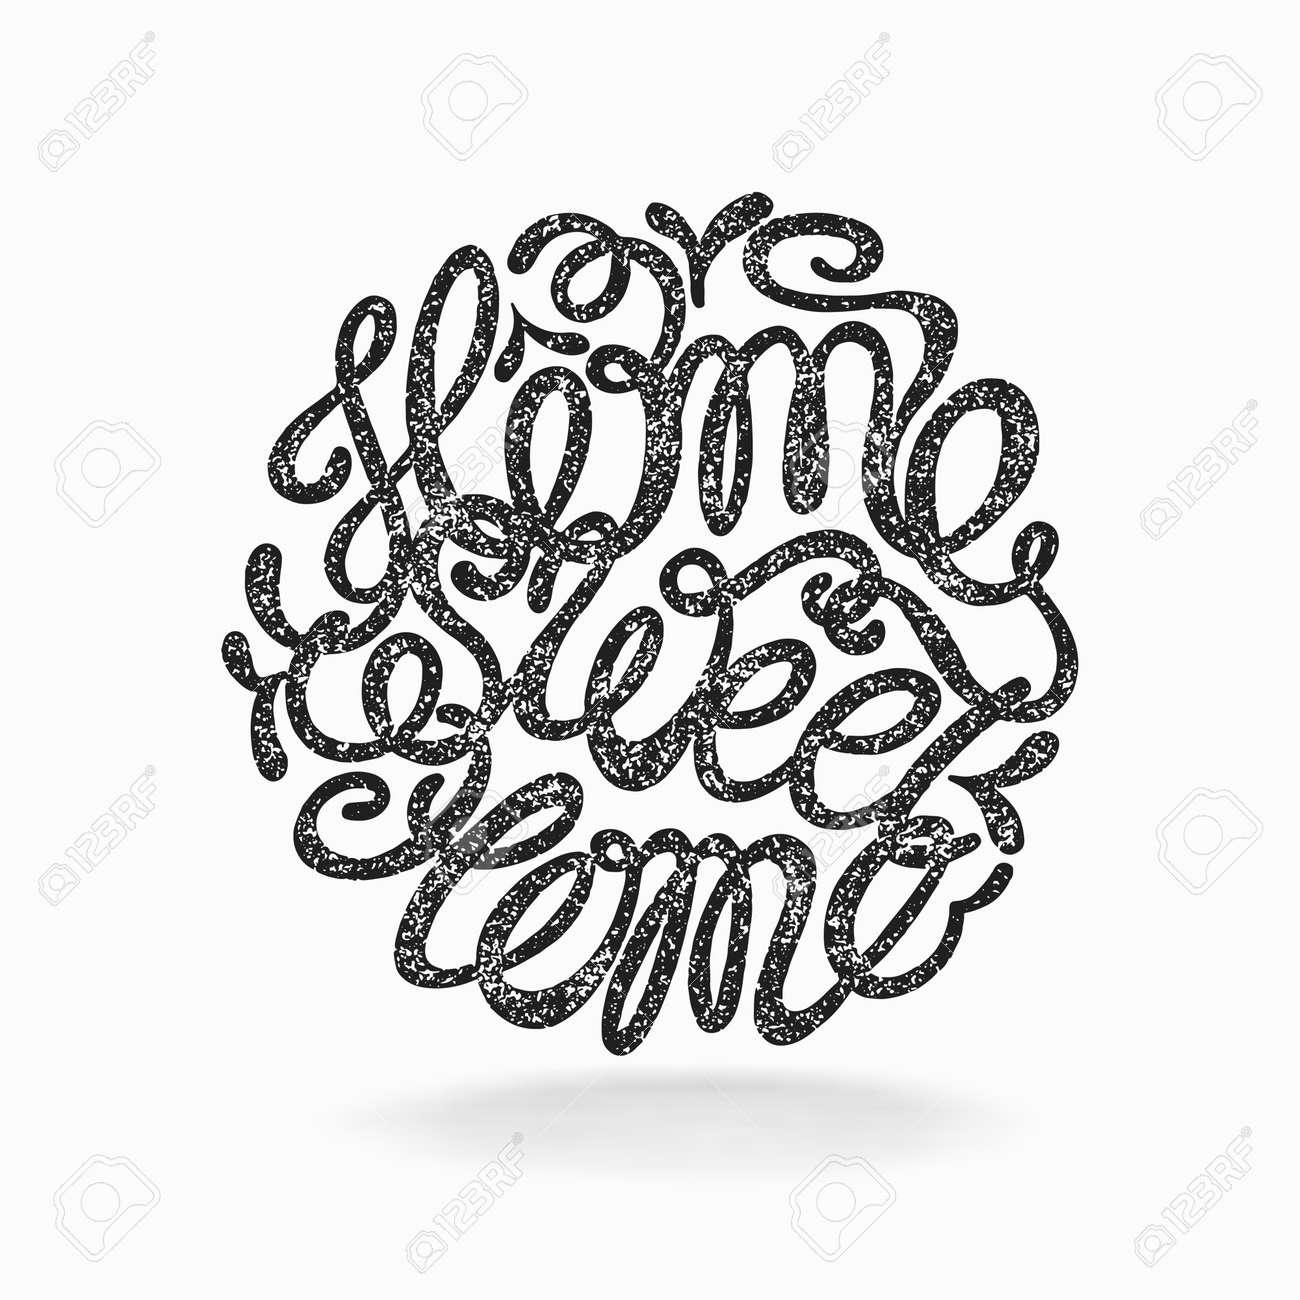 Mano Caligráfico Dibujado Cartel Letras Del Vector Home Sweet Home Frase De La Inscripción La Inspiración Para El Cartel Pancarta Postal